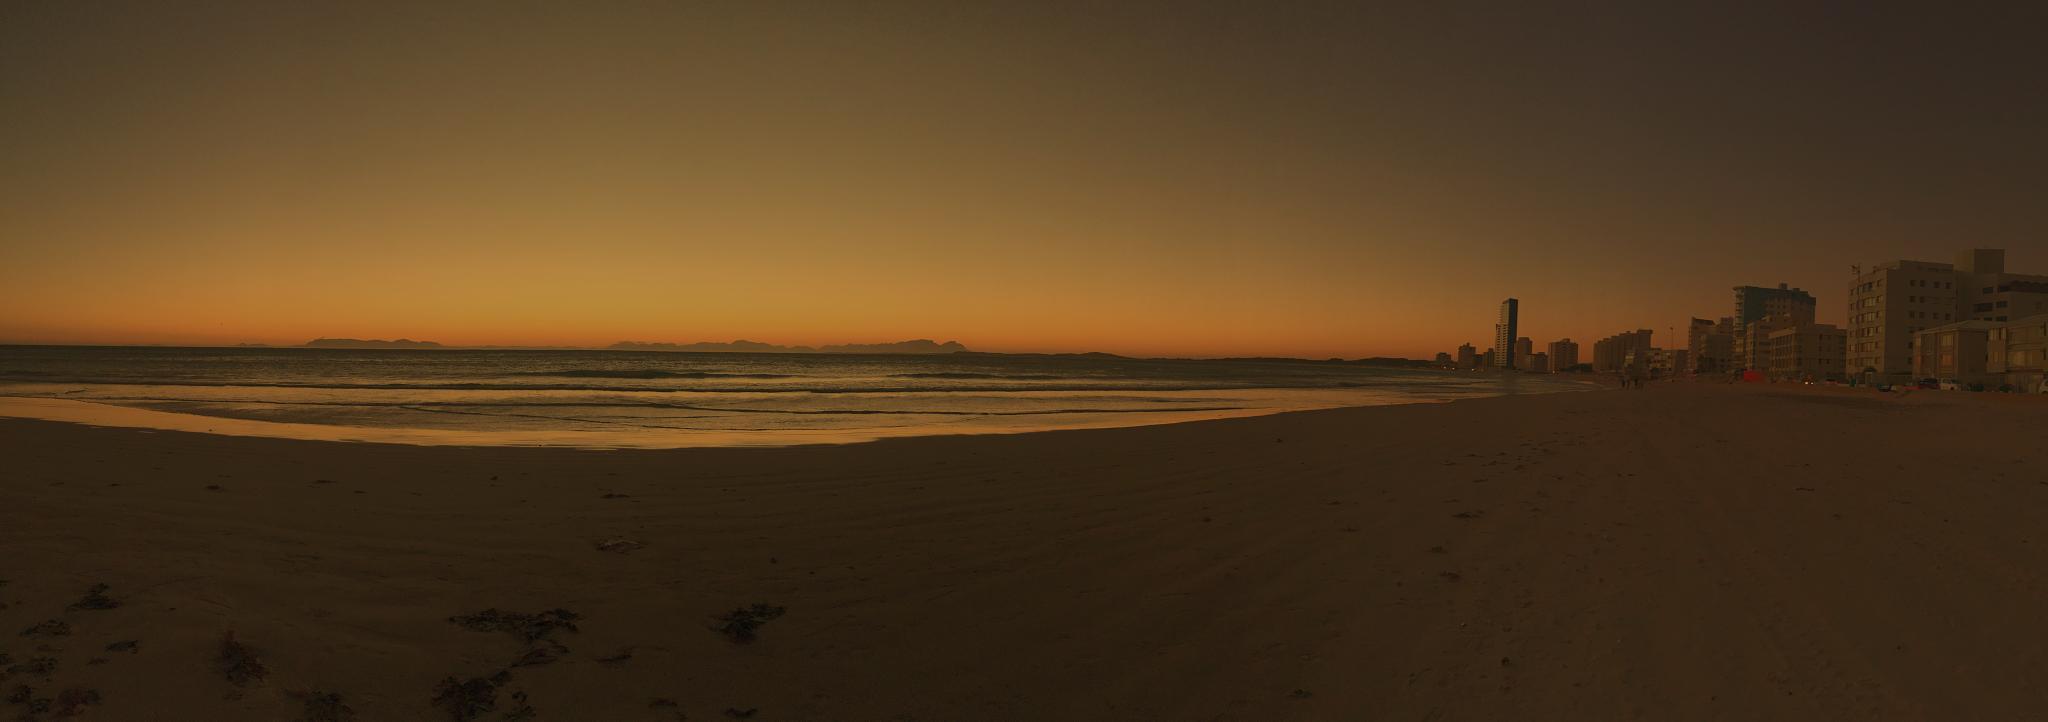 Sun set panorama by JB